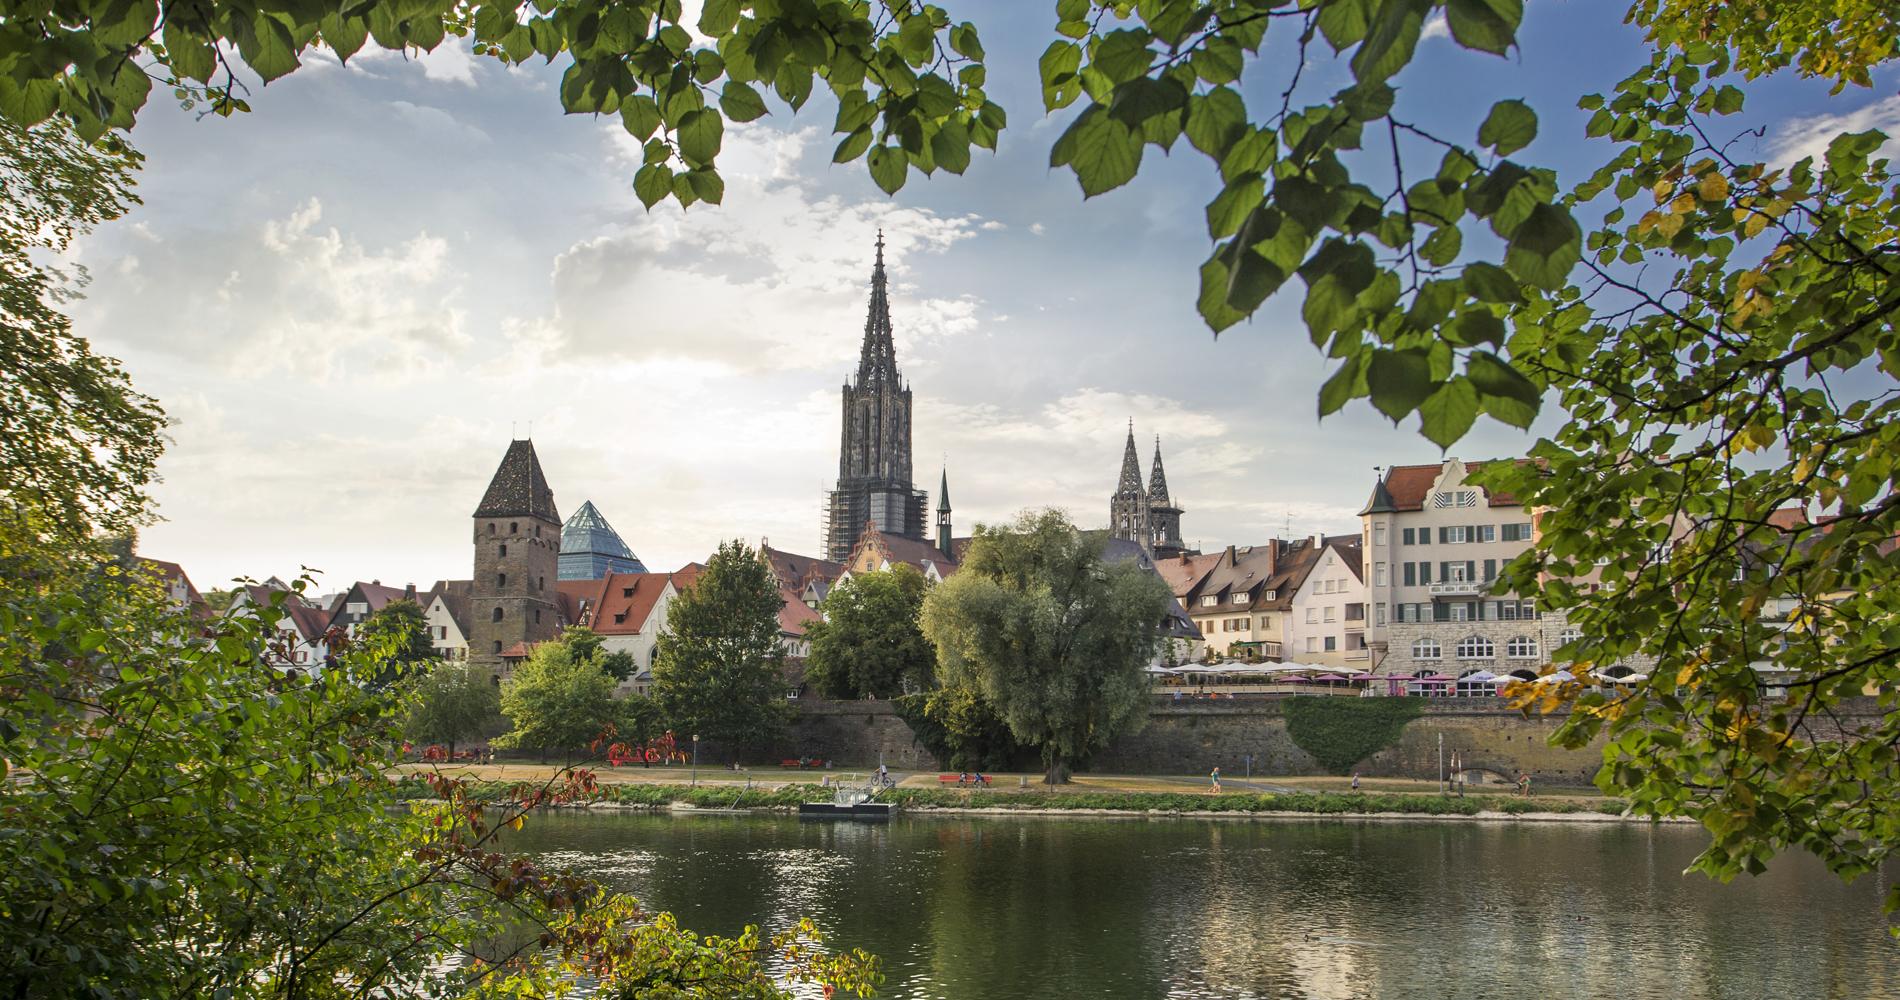 Mit 161,5 Metern ist das Ulmer Münster der höchste Kirchturm der Welt!